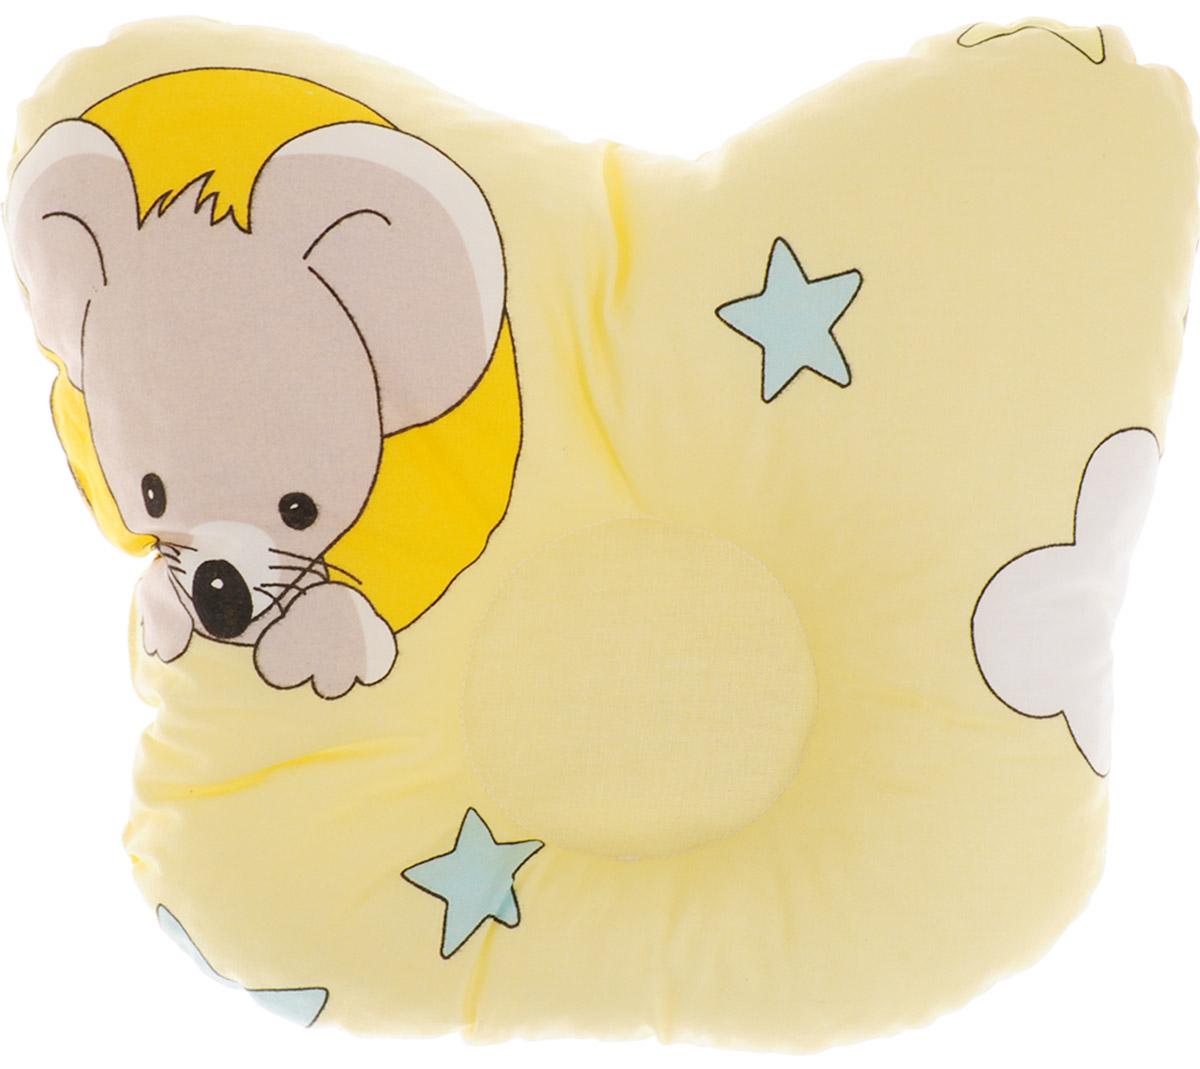 Сонный гномик Подушка анатомическая для младенцев Мышки 27 х 27 см555А_желтый, мышкиАнатомическая подушка для младенцев Сонный гномик Мышки изготовлена из бязи - 100% хлопка. Наполнитель - синтепон в гранулах (100% полиэстер). Подушка компактна и удобна для пеленания малыша и кормления на руках, она также незаменима для сна ребенка в кроватке и комфортна для использования в коляске на прогулке. Углубление в подушке фиксирует правильное положение головы ребенка. Подушка помогает правильному формированию шейного отдела позвоночника.